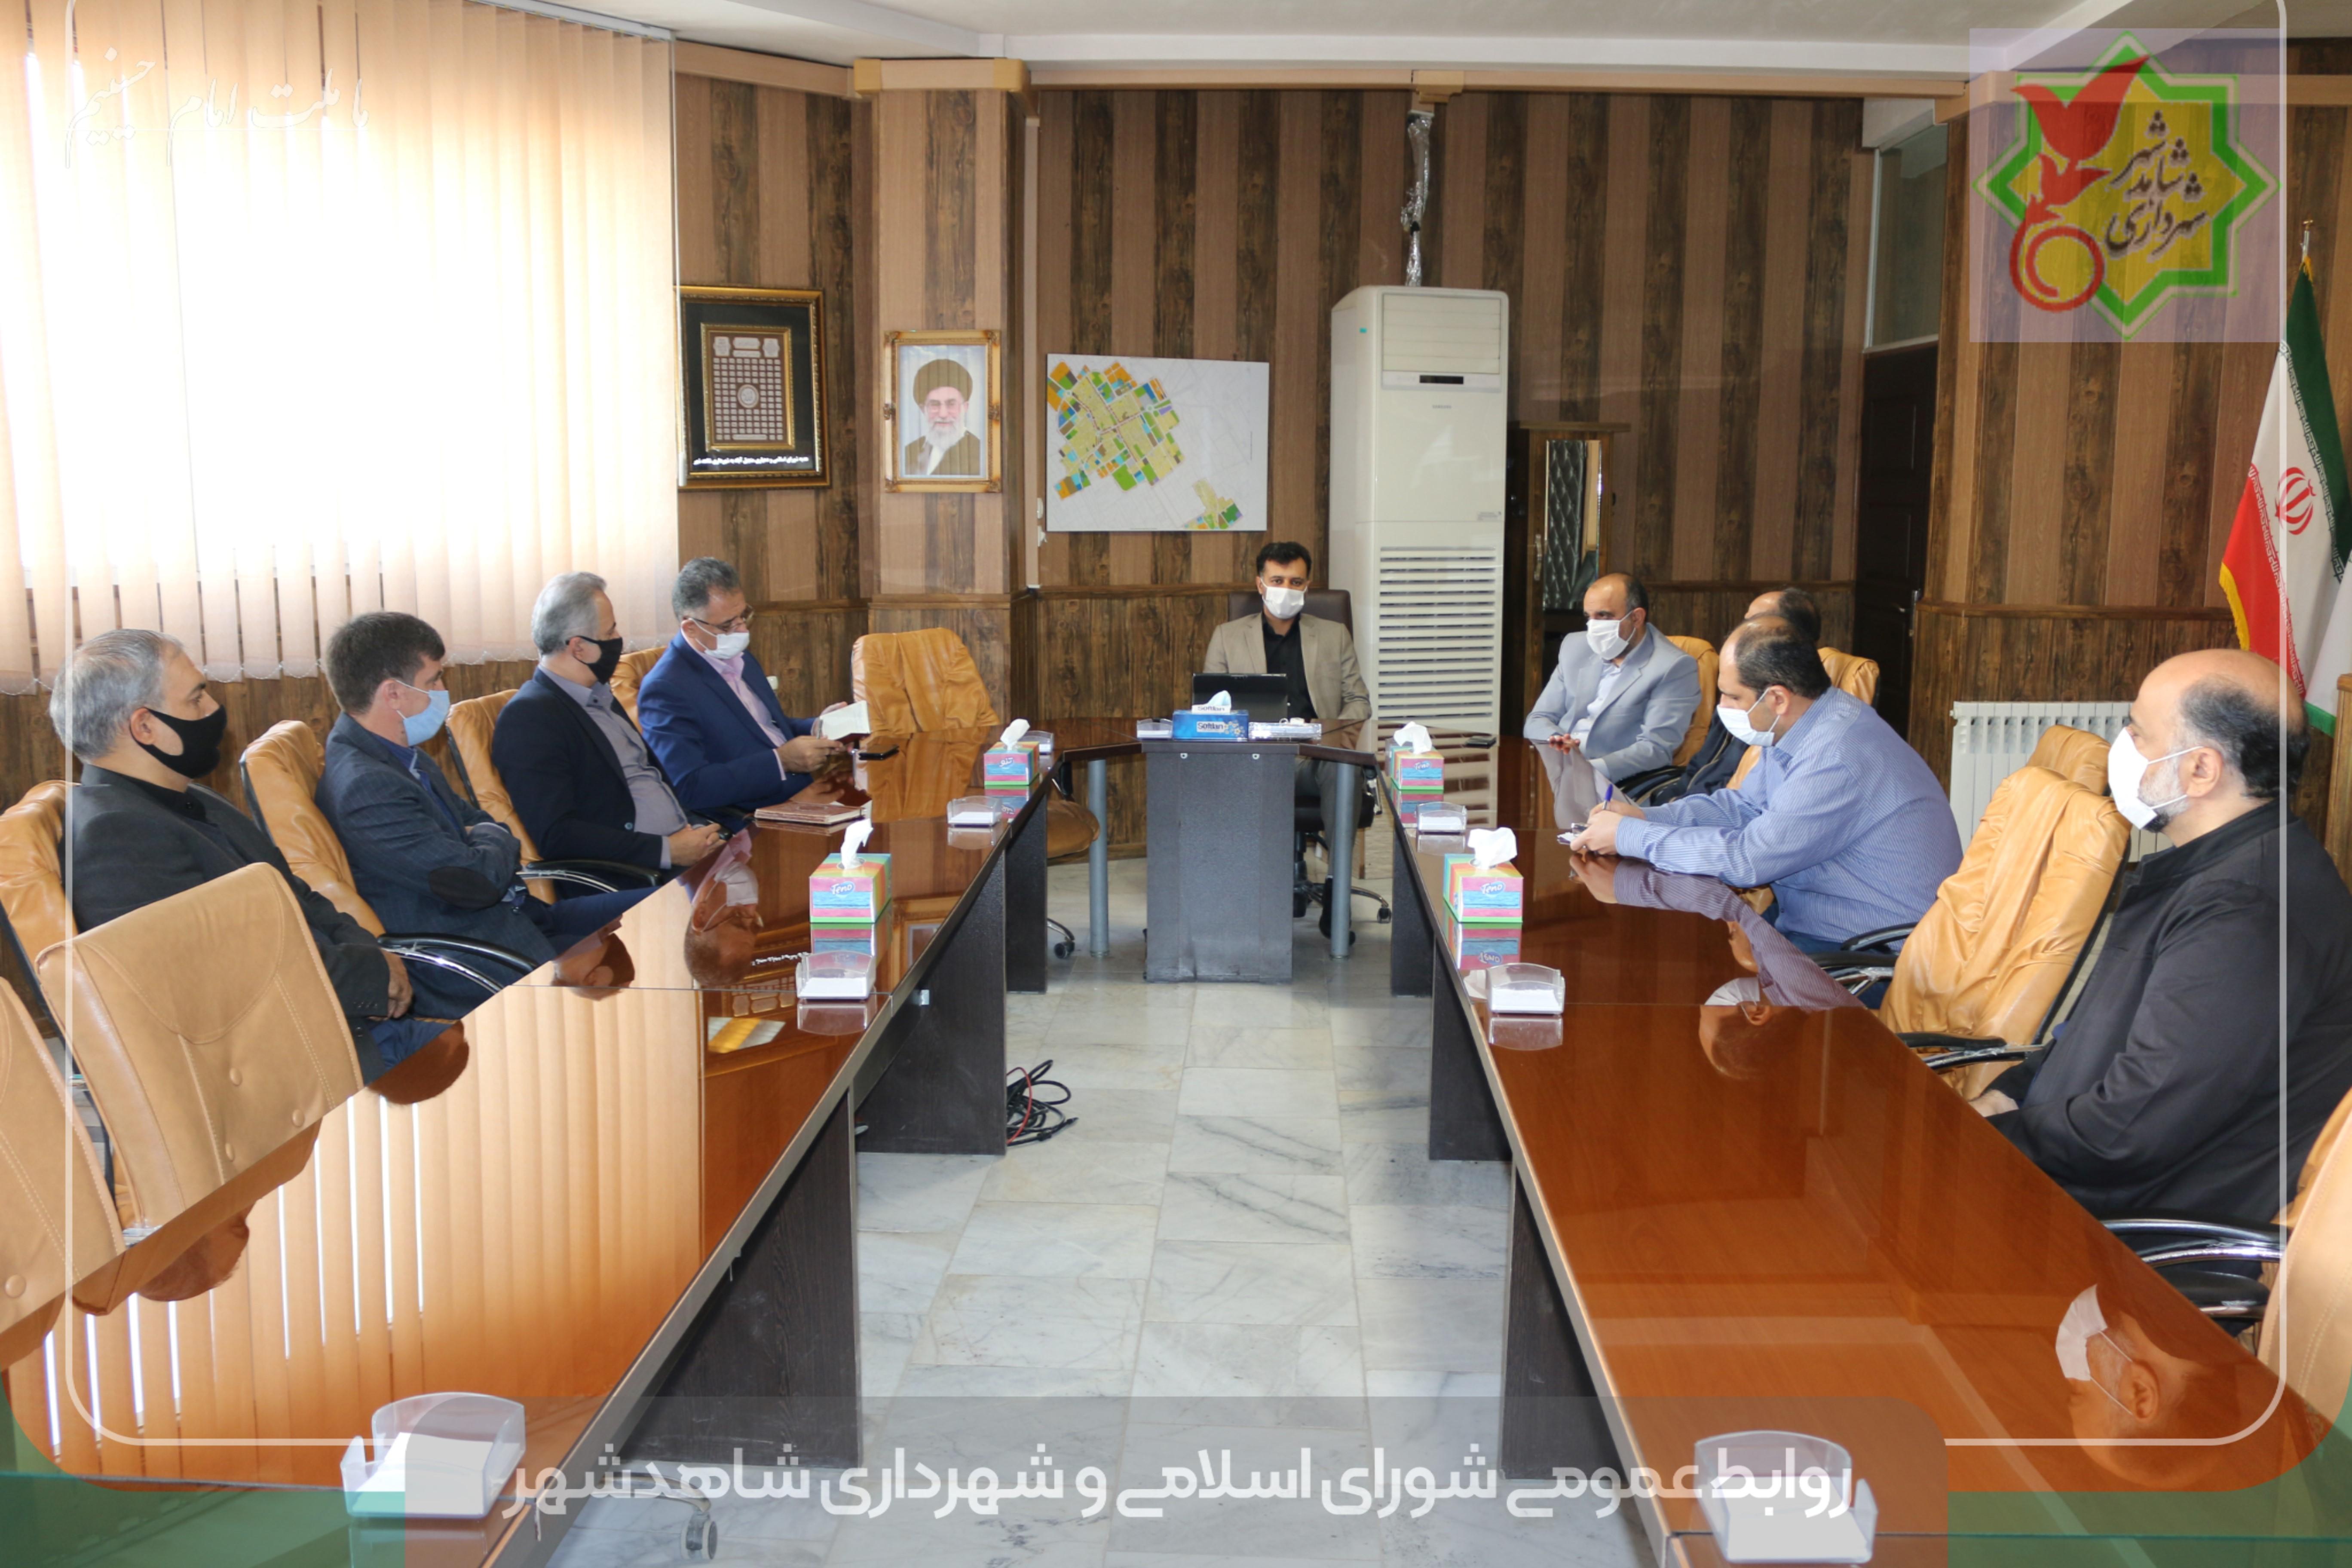 نشست تعامل و هم اندیشی شهردار با مدیران کمیته امداد امام خمینی رحمة الله علیه